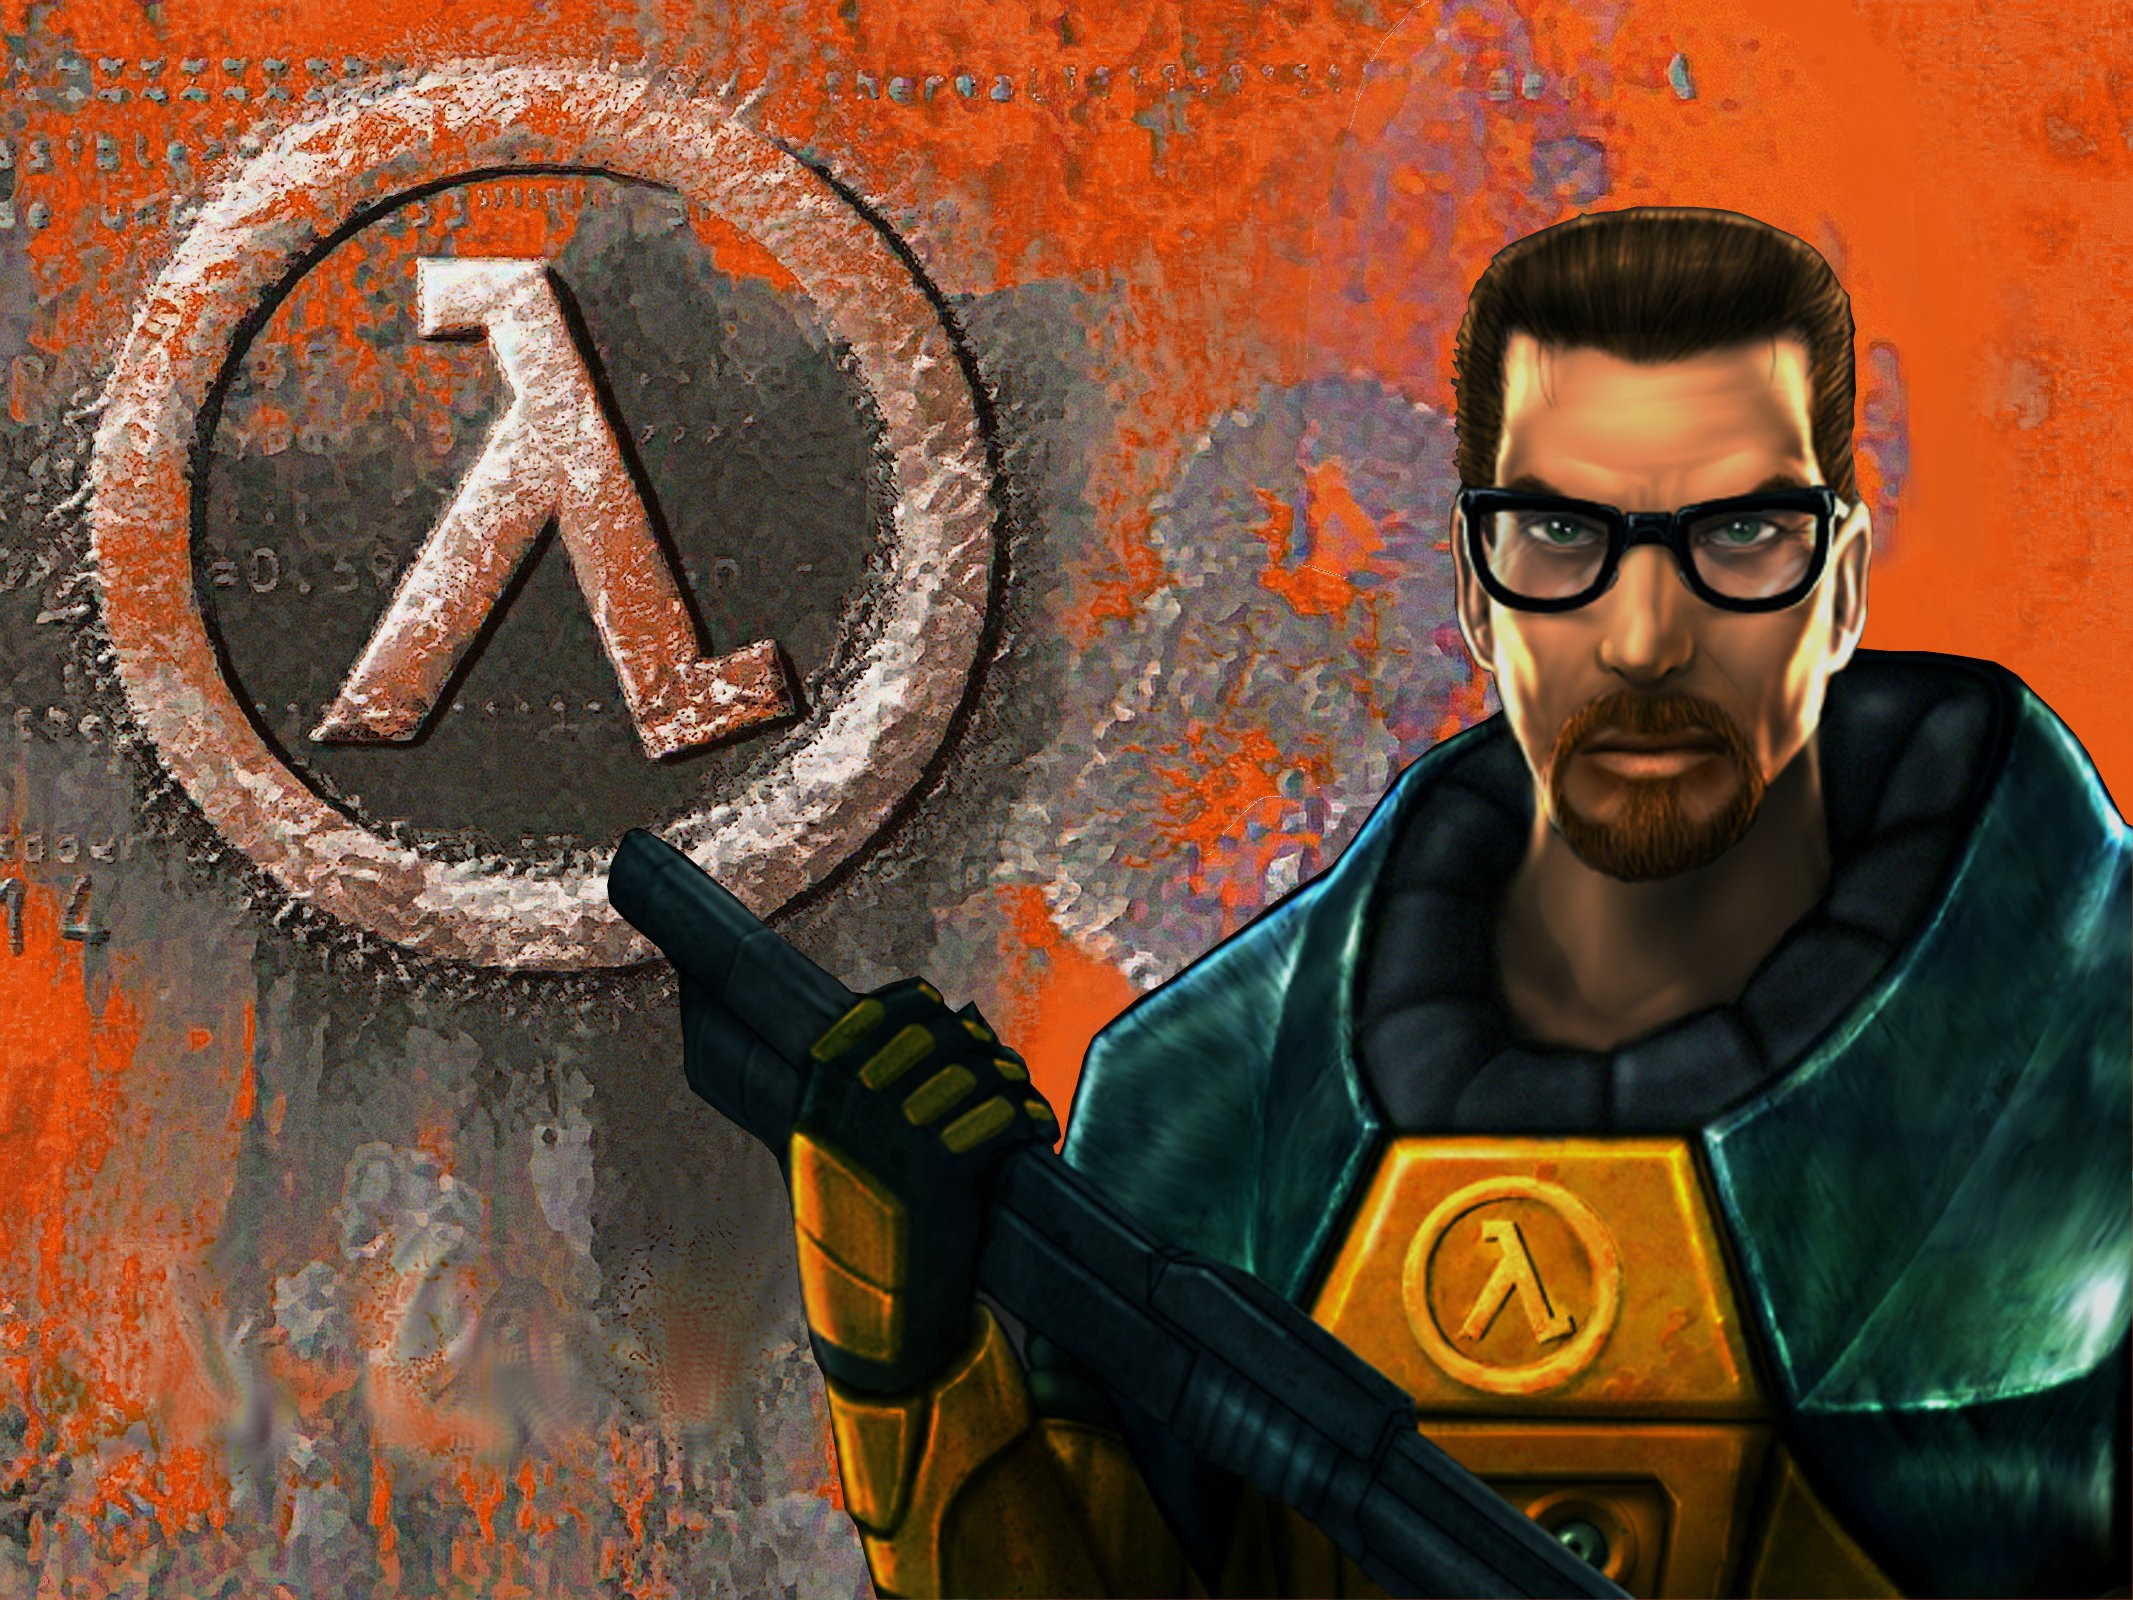 Half-Life Wallpaper HD